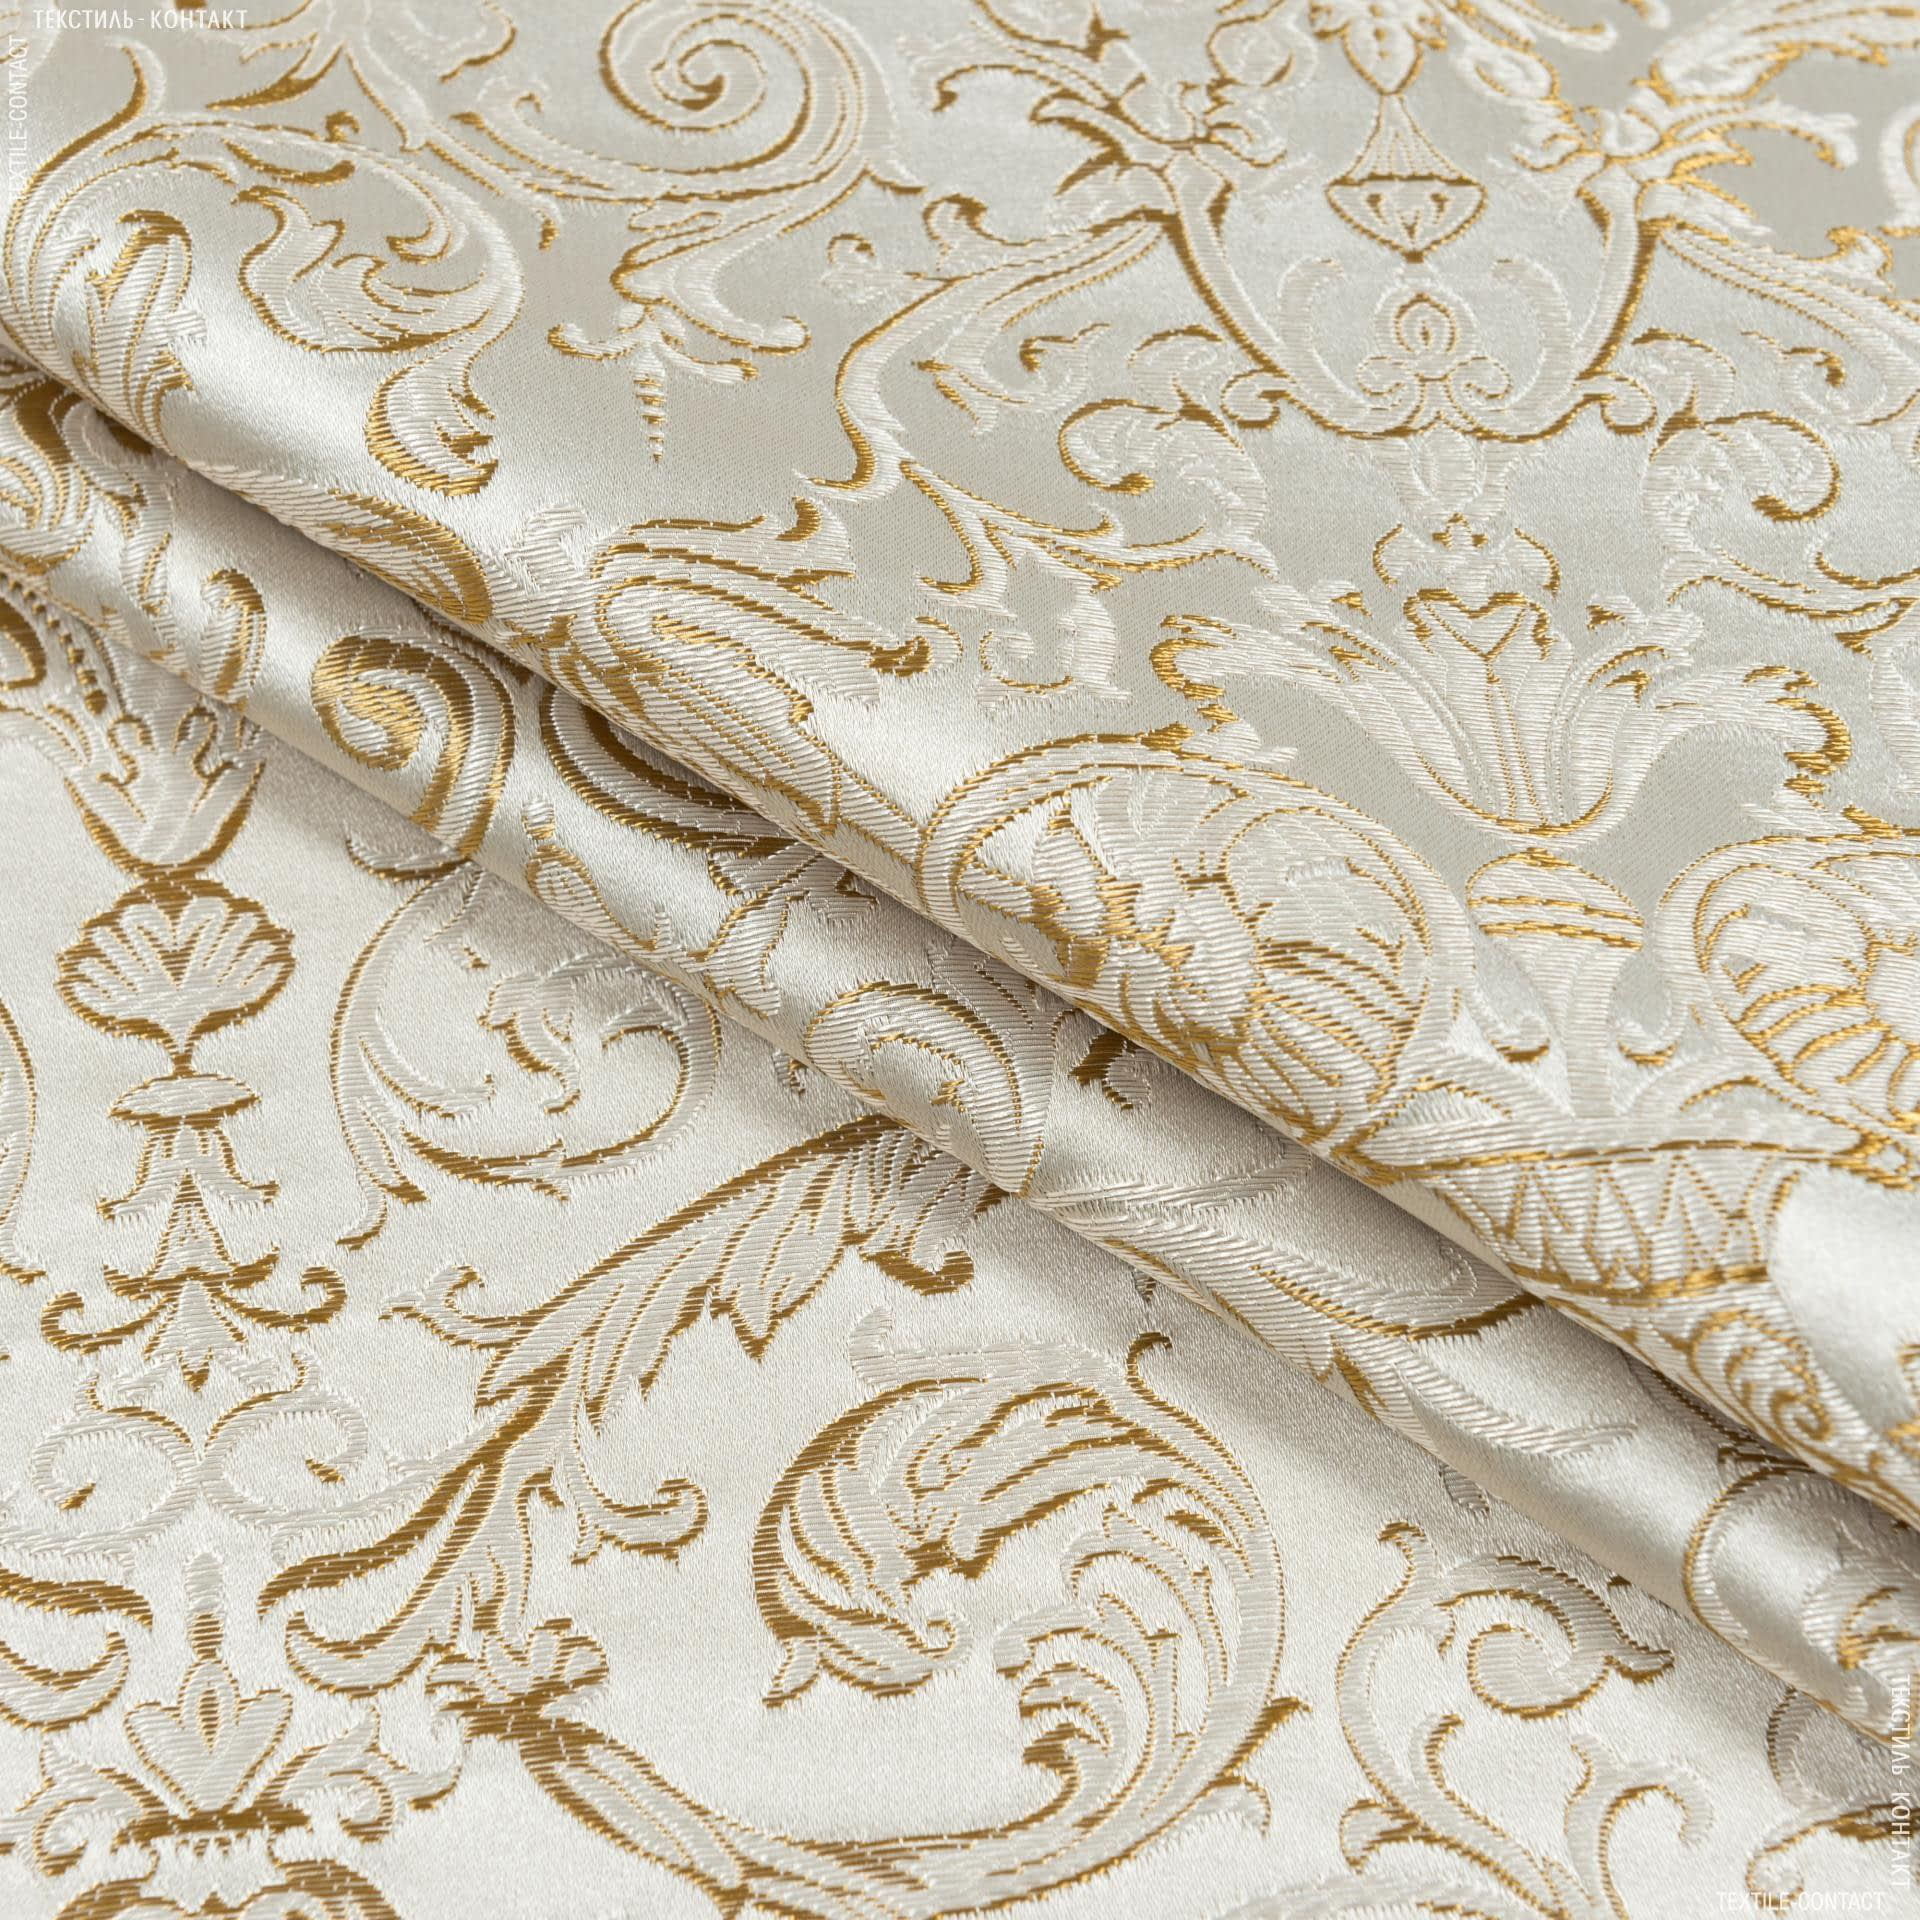 Тканини портьєрні тканини - Портьєрна тканина нелі вензель амфора крем тон крем-брюле